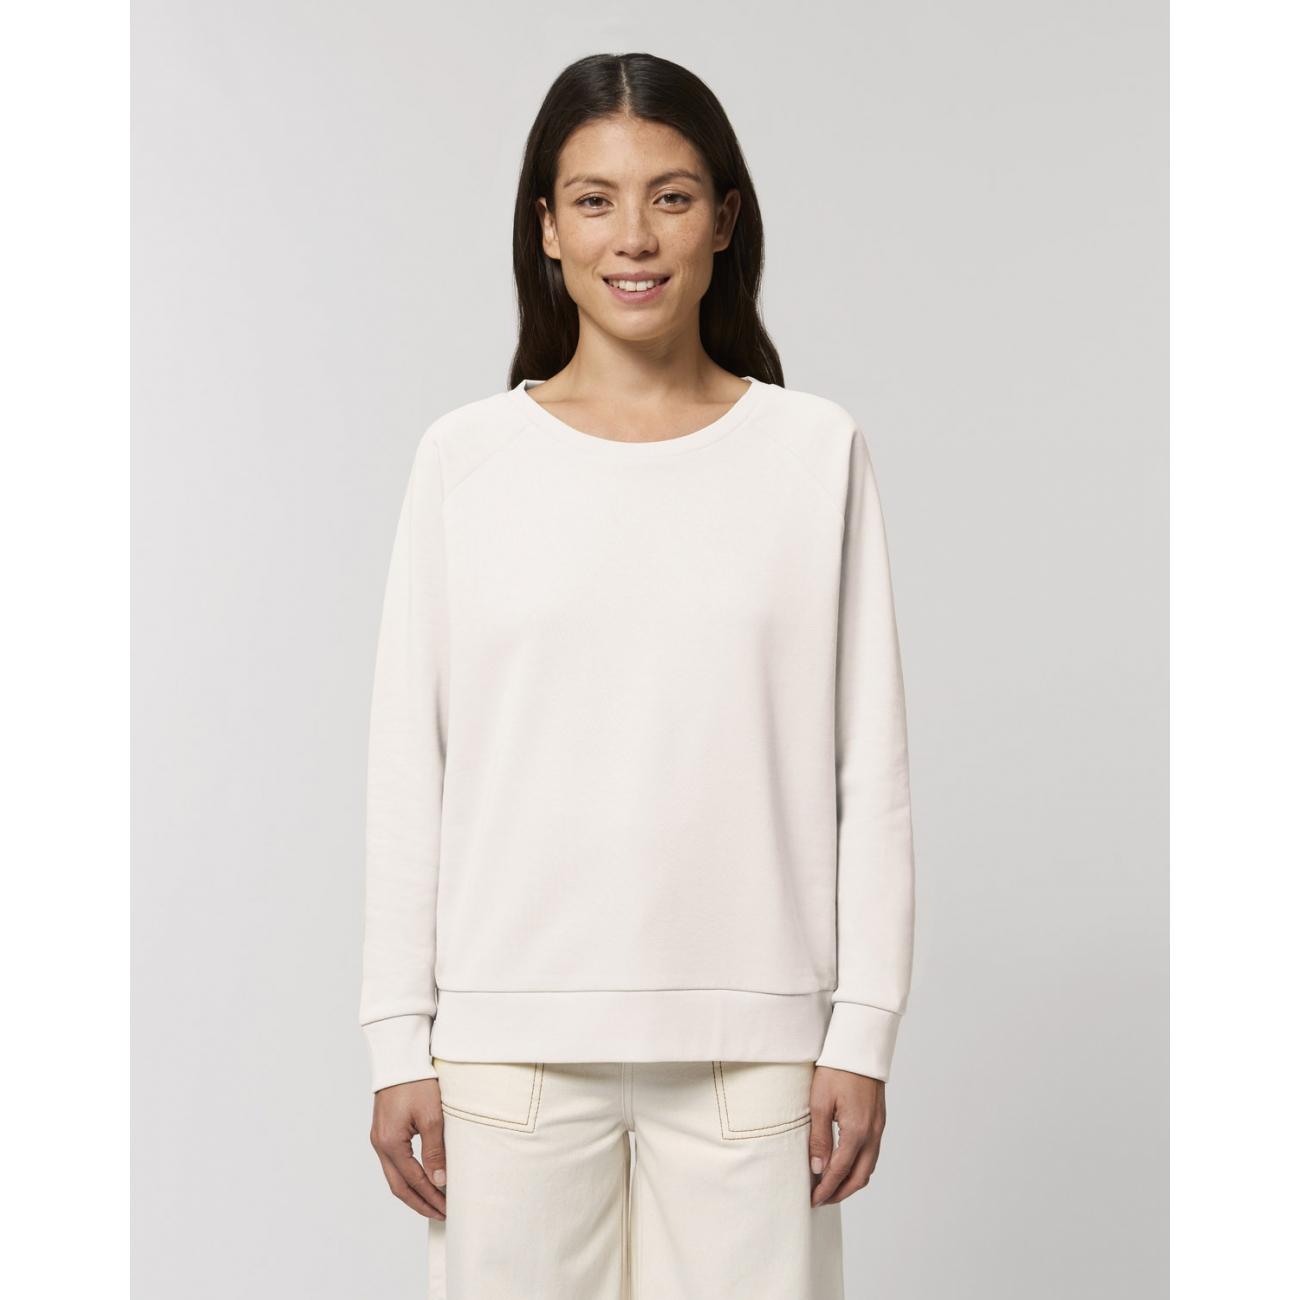 https://tee-shirt-bio.com/8819-thickbox_default/sweat-col-rond-blanc-ecru-coton-bio-ethique-stella-dazzler.jpg